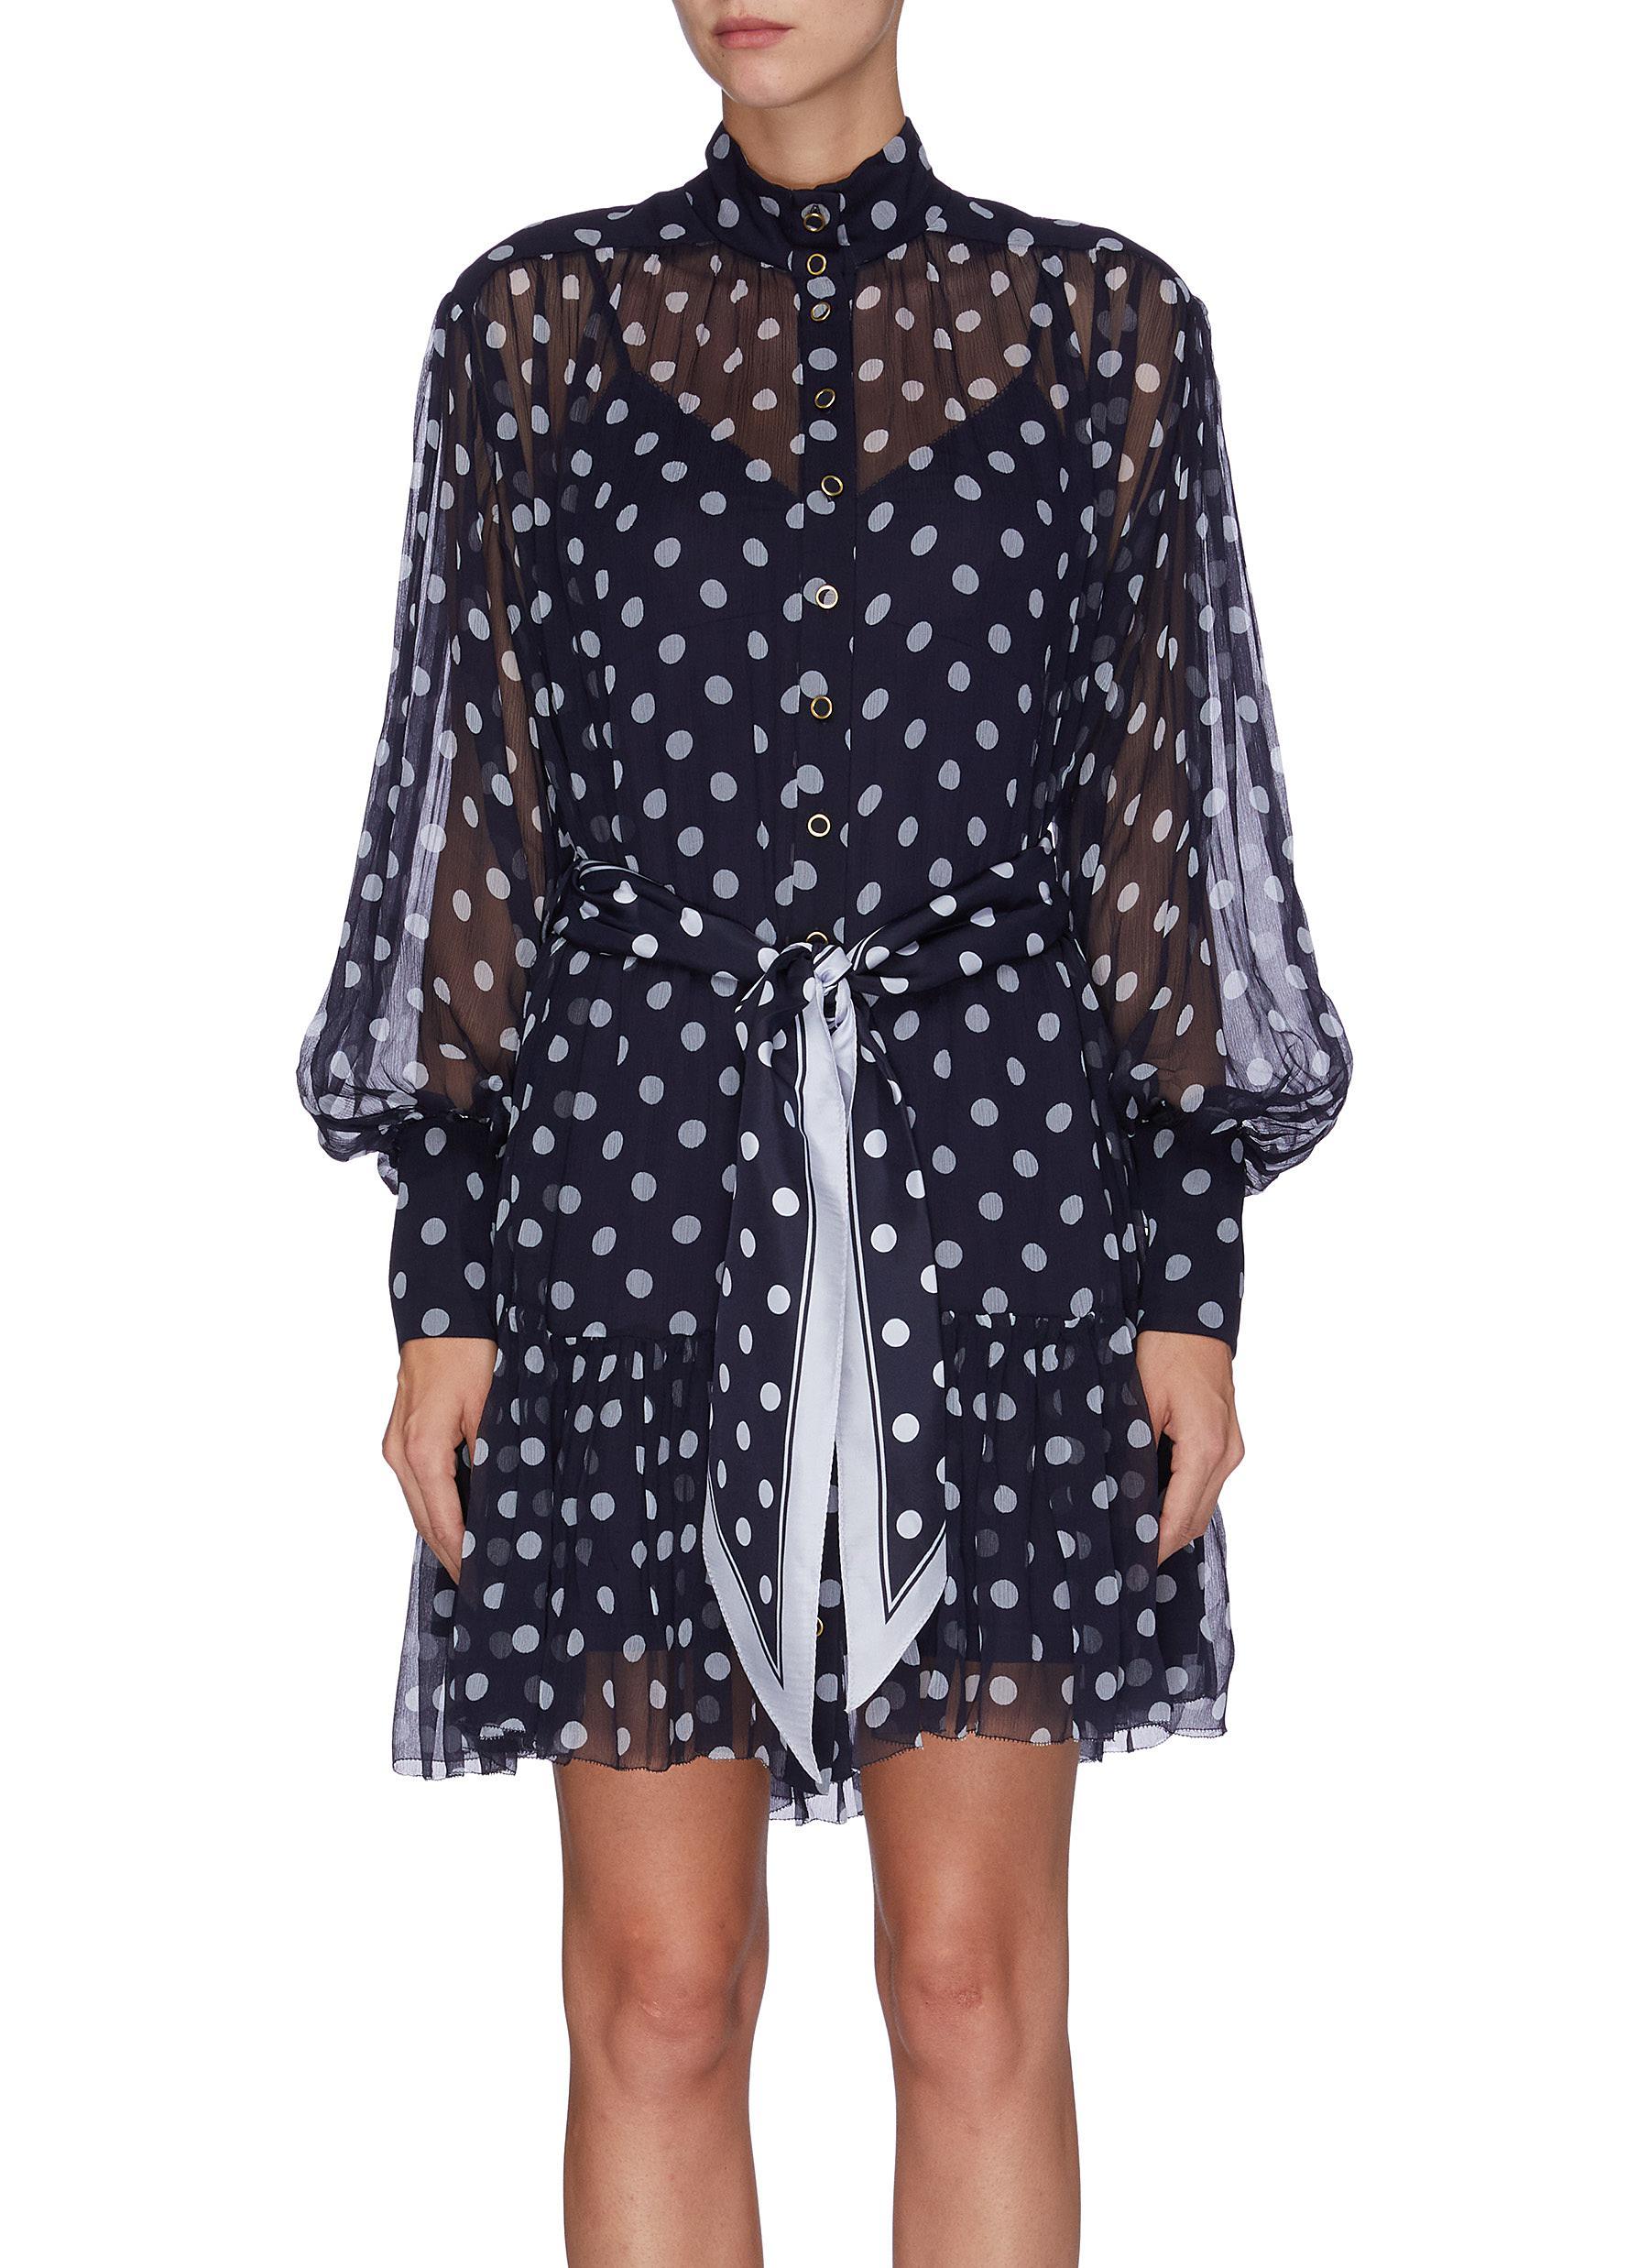 Sabotage polka dot print mini dress by Zimmermann